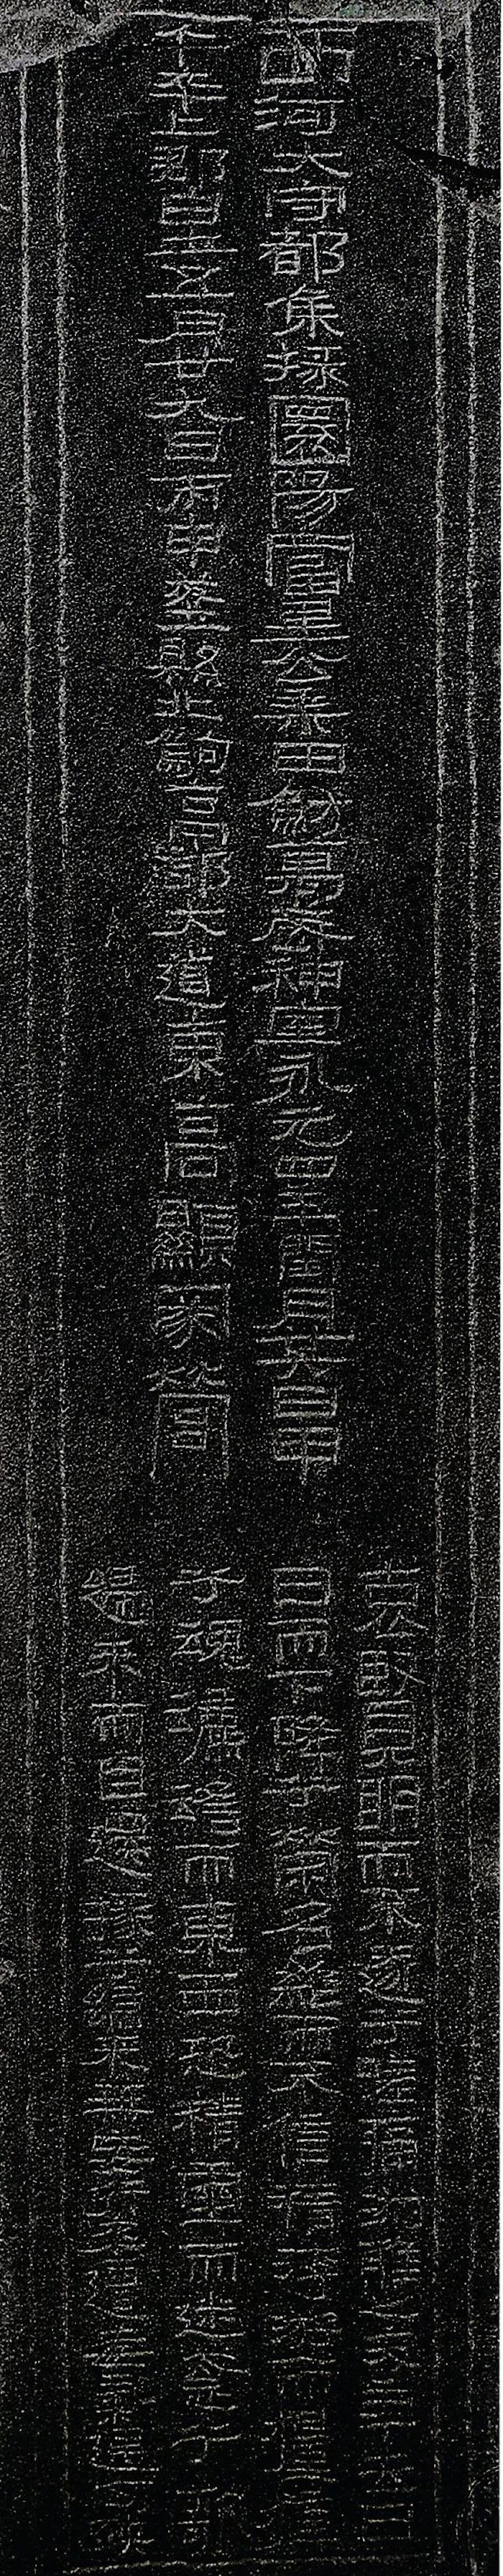 東漢永元四年(九二) 陜西綏德四十里鋪永元四年田魴畫像石墓題記原石